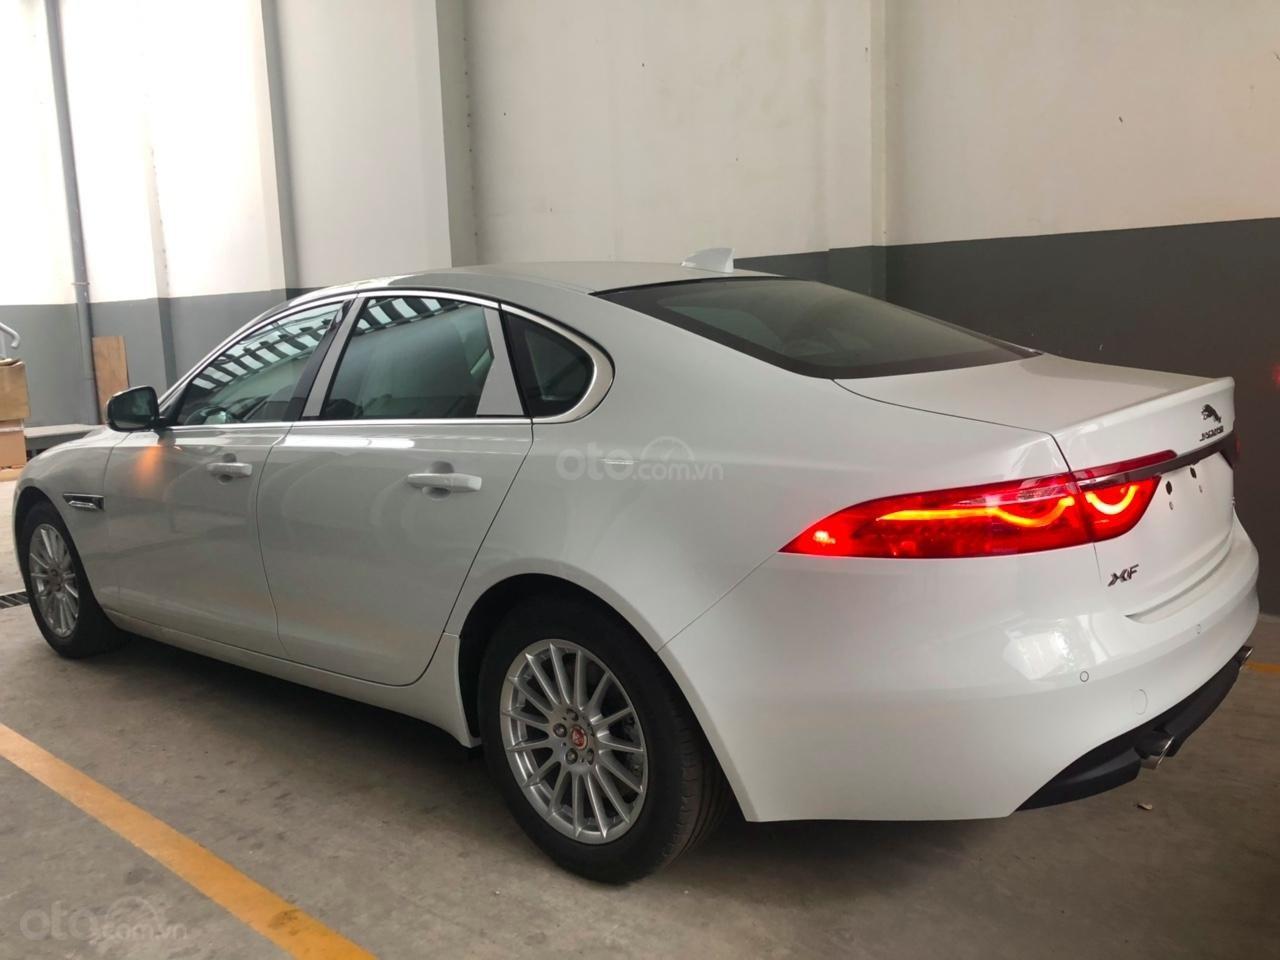 Bán giá xe Jaguar XF Prestige sản xuất 2018, giá 2019 màu trắng, màu đỏ, đen giao xe ngay 0932222253-3